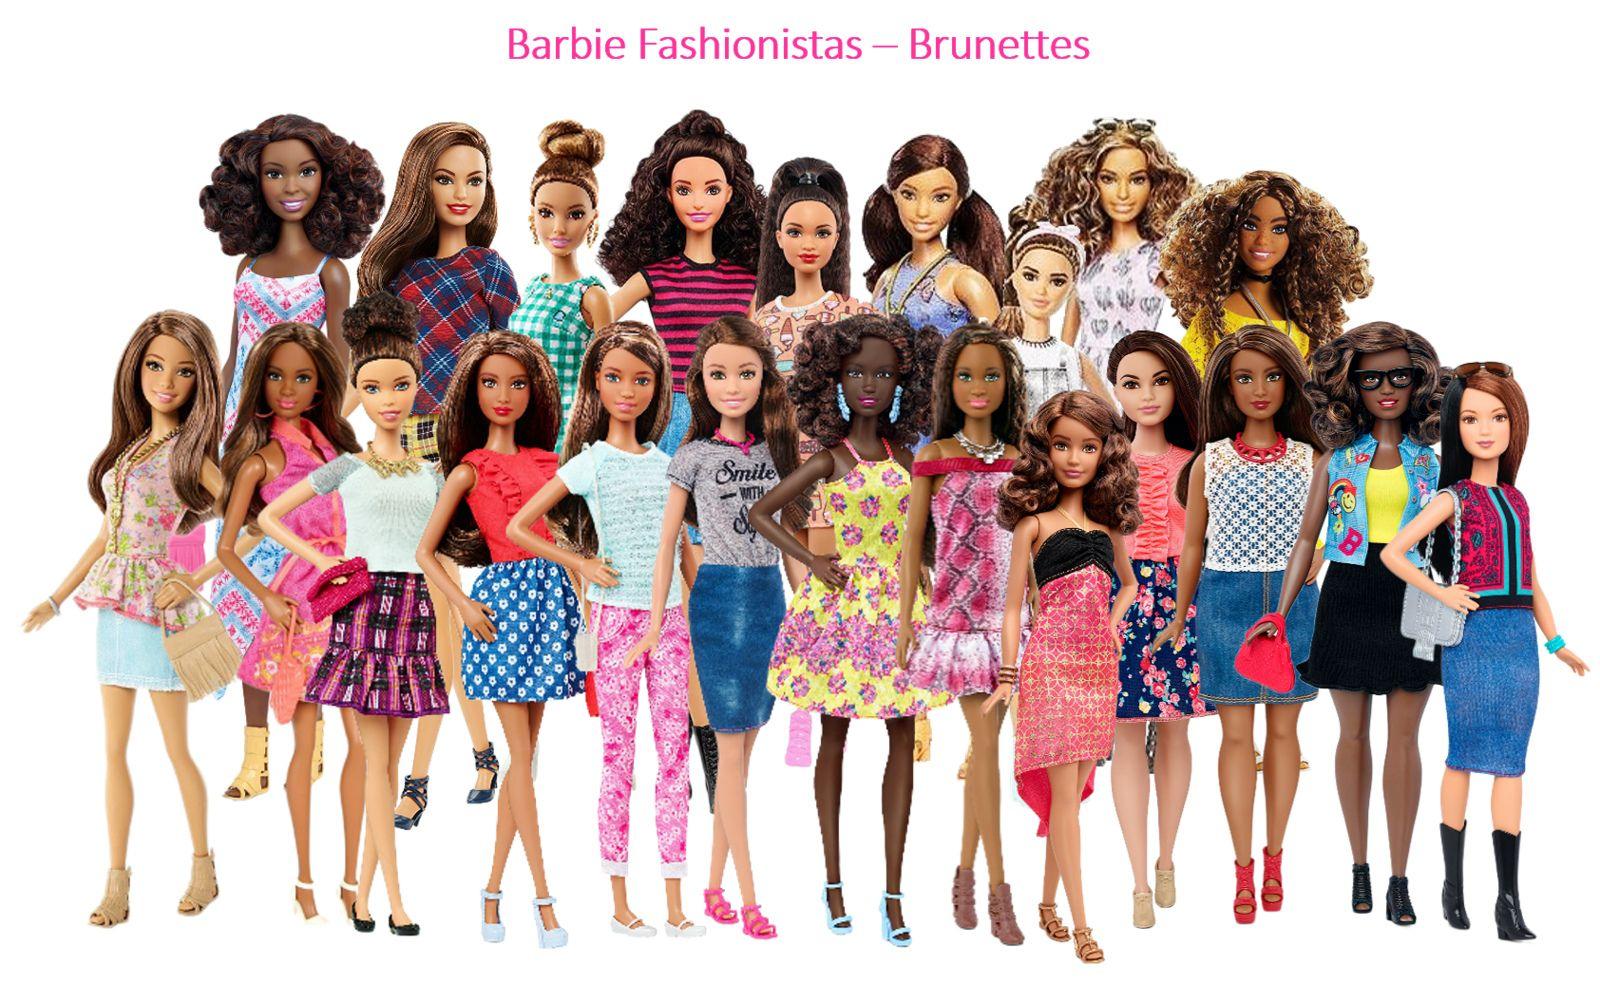 Fashionistas Barbie Doll Pineapple Pop In 2019 Lalki T